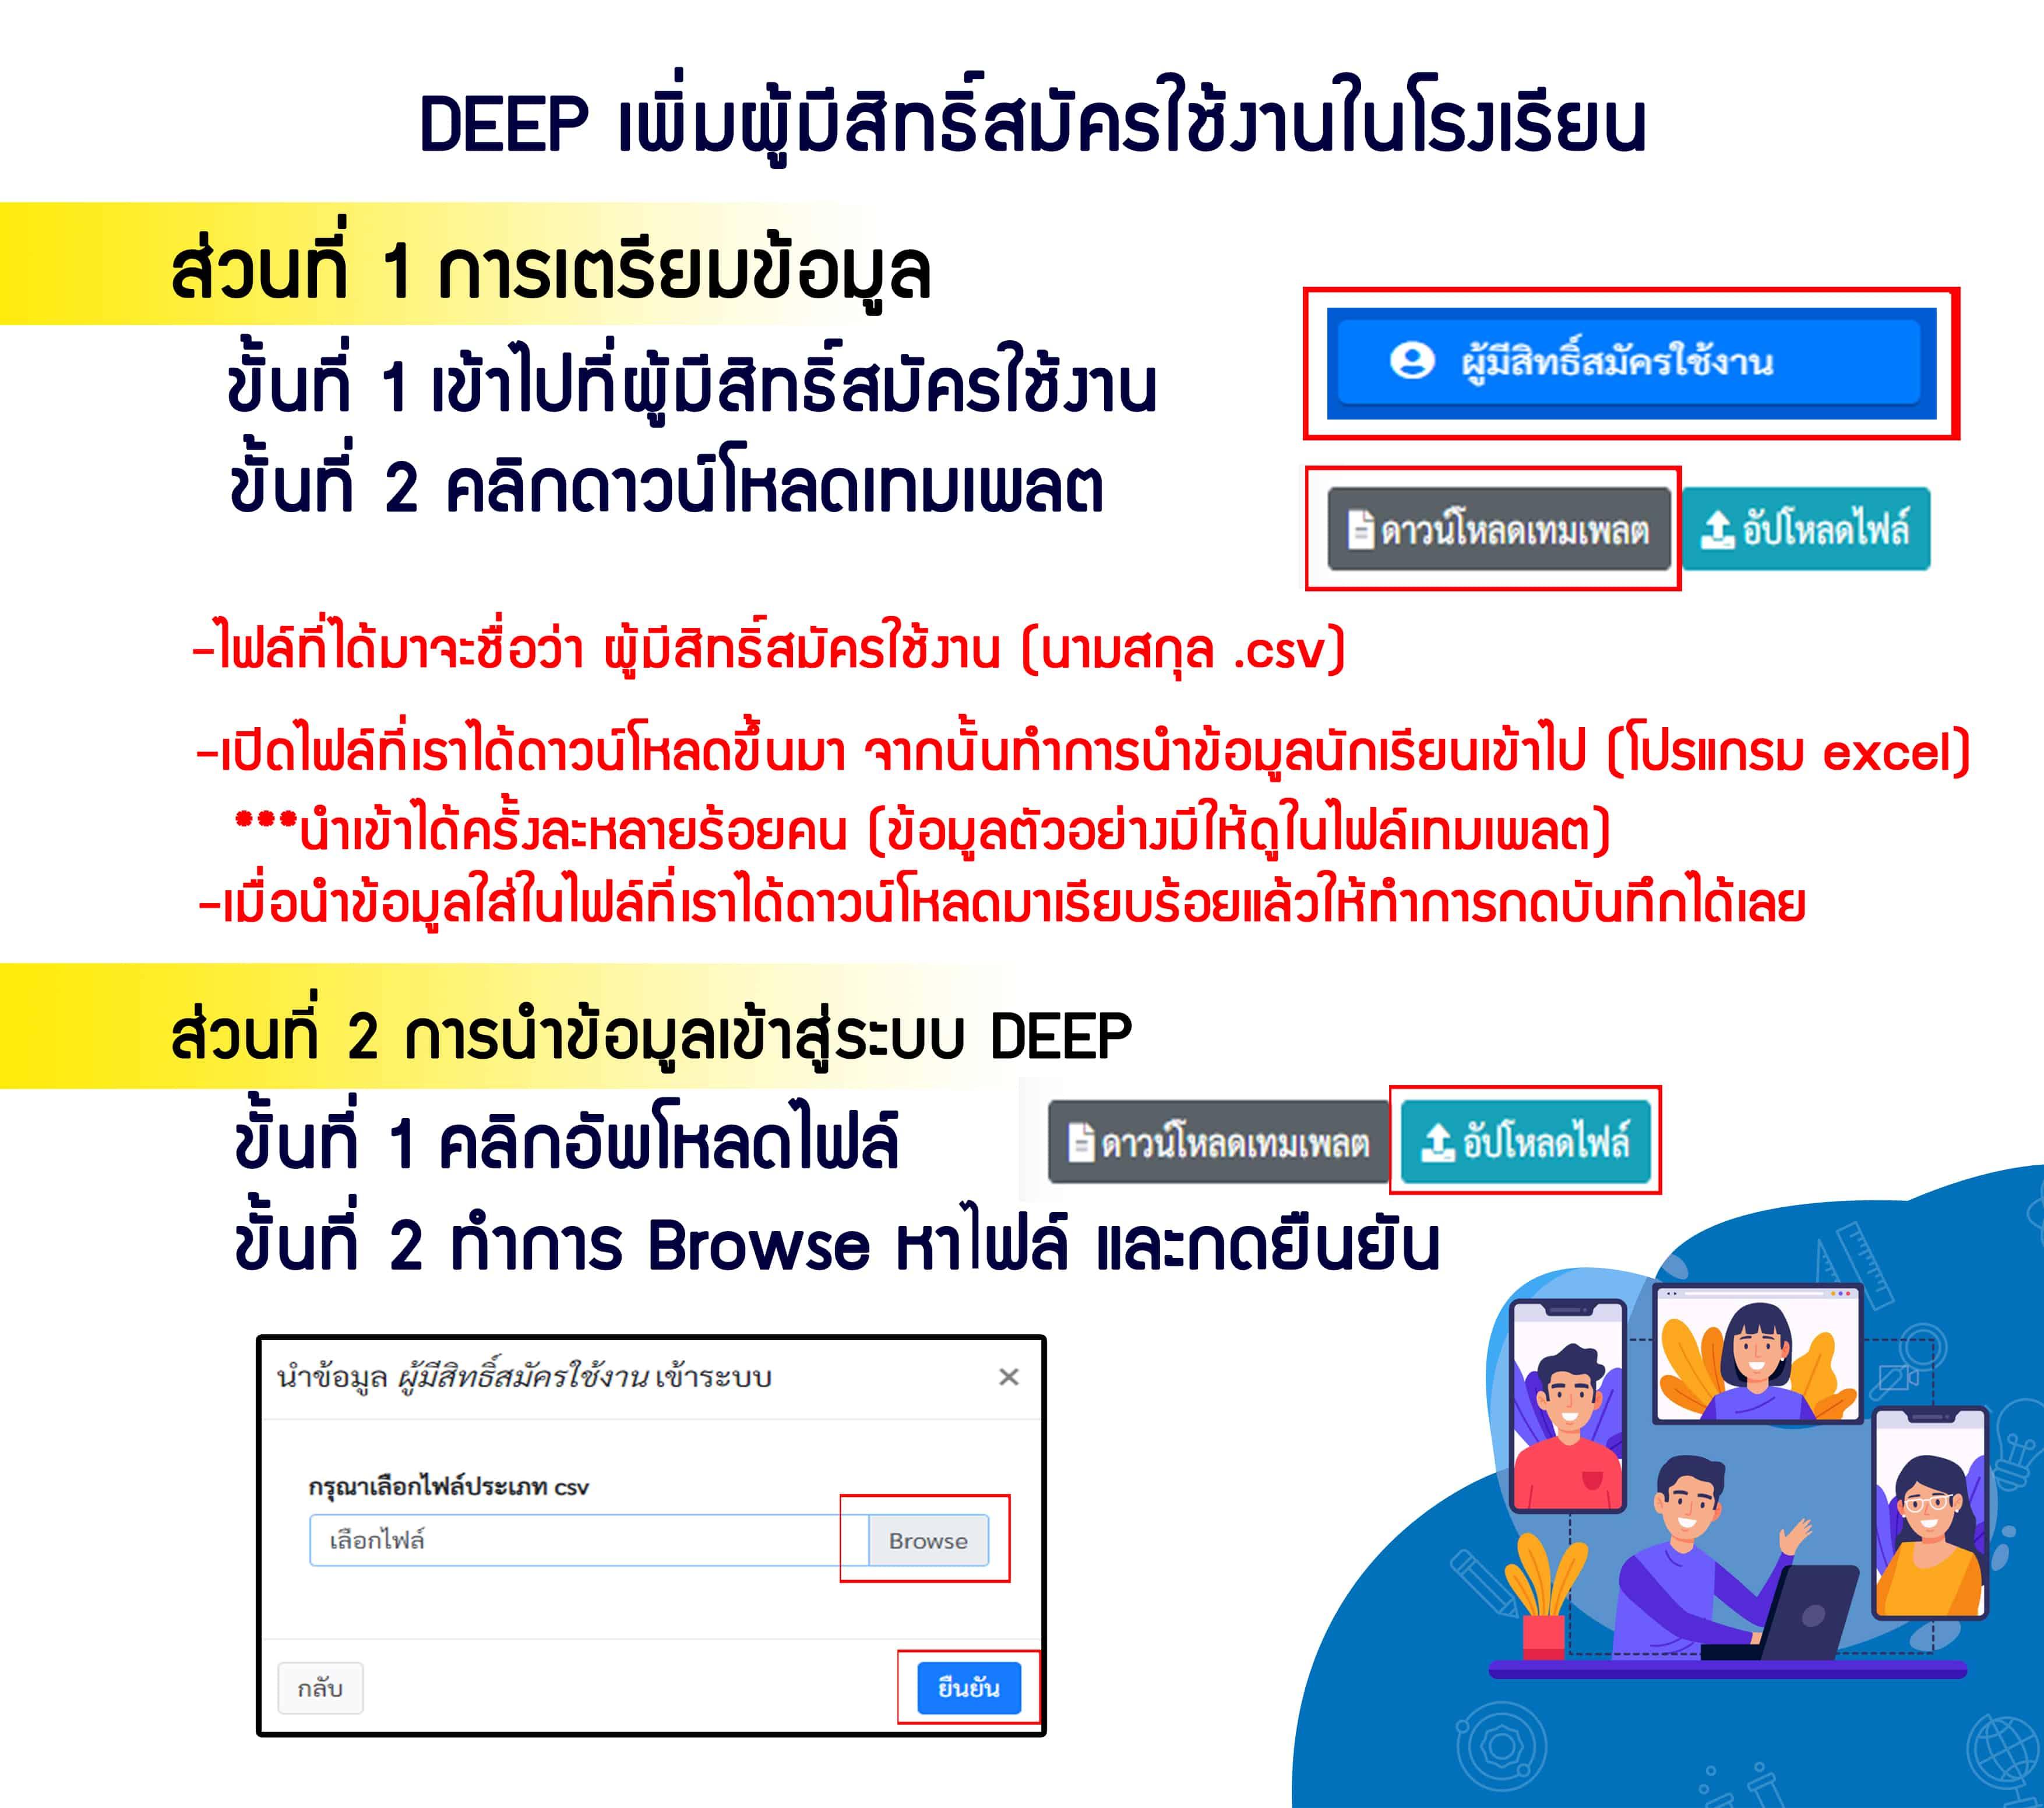 เพิ่มผู้มีสิทธิ์ใช้งาน DEEP